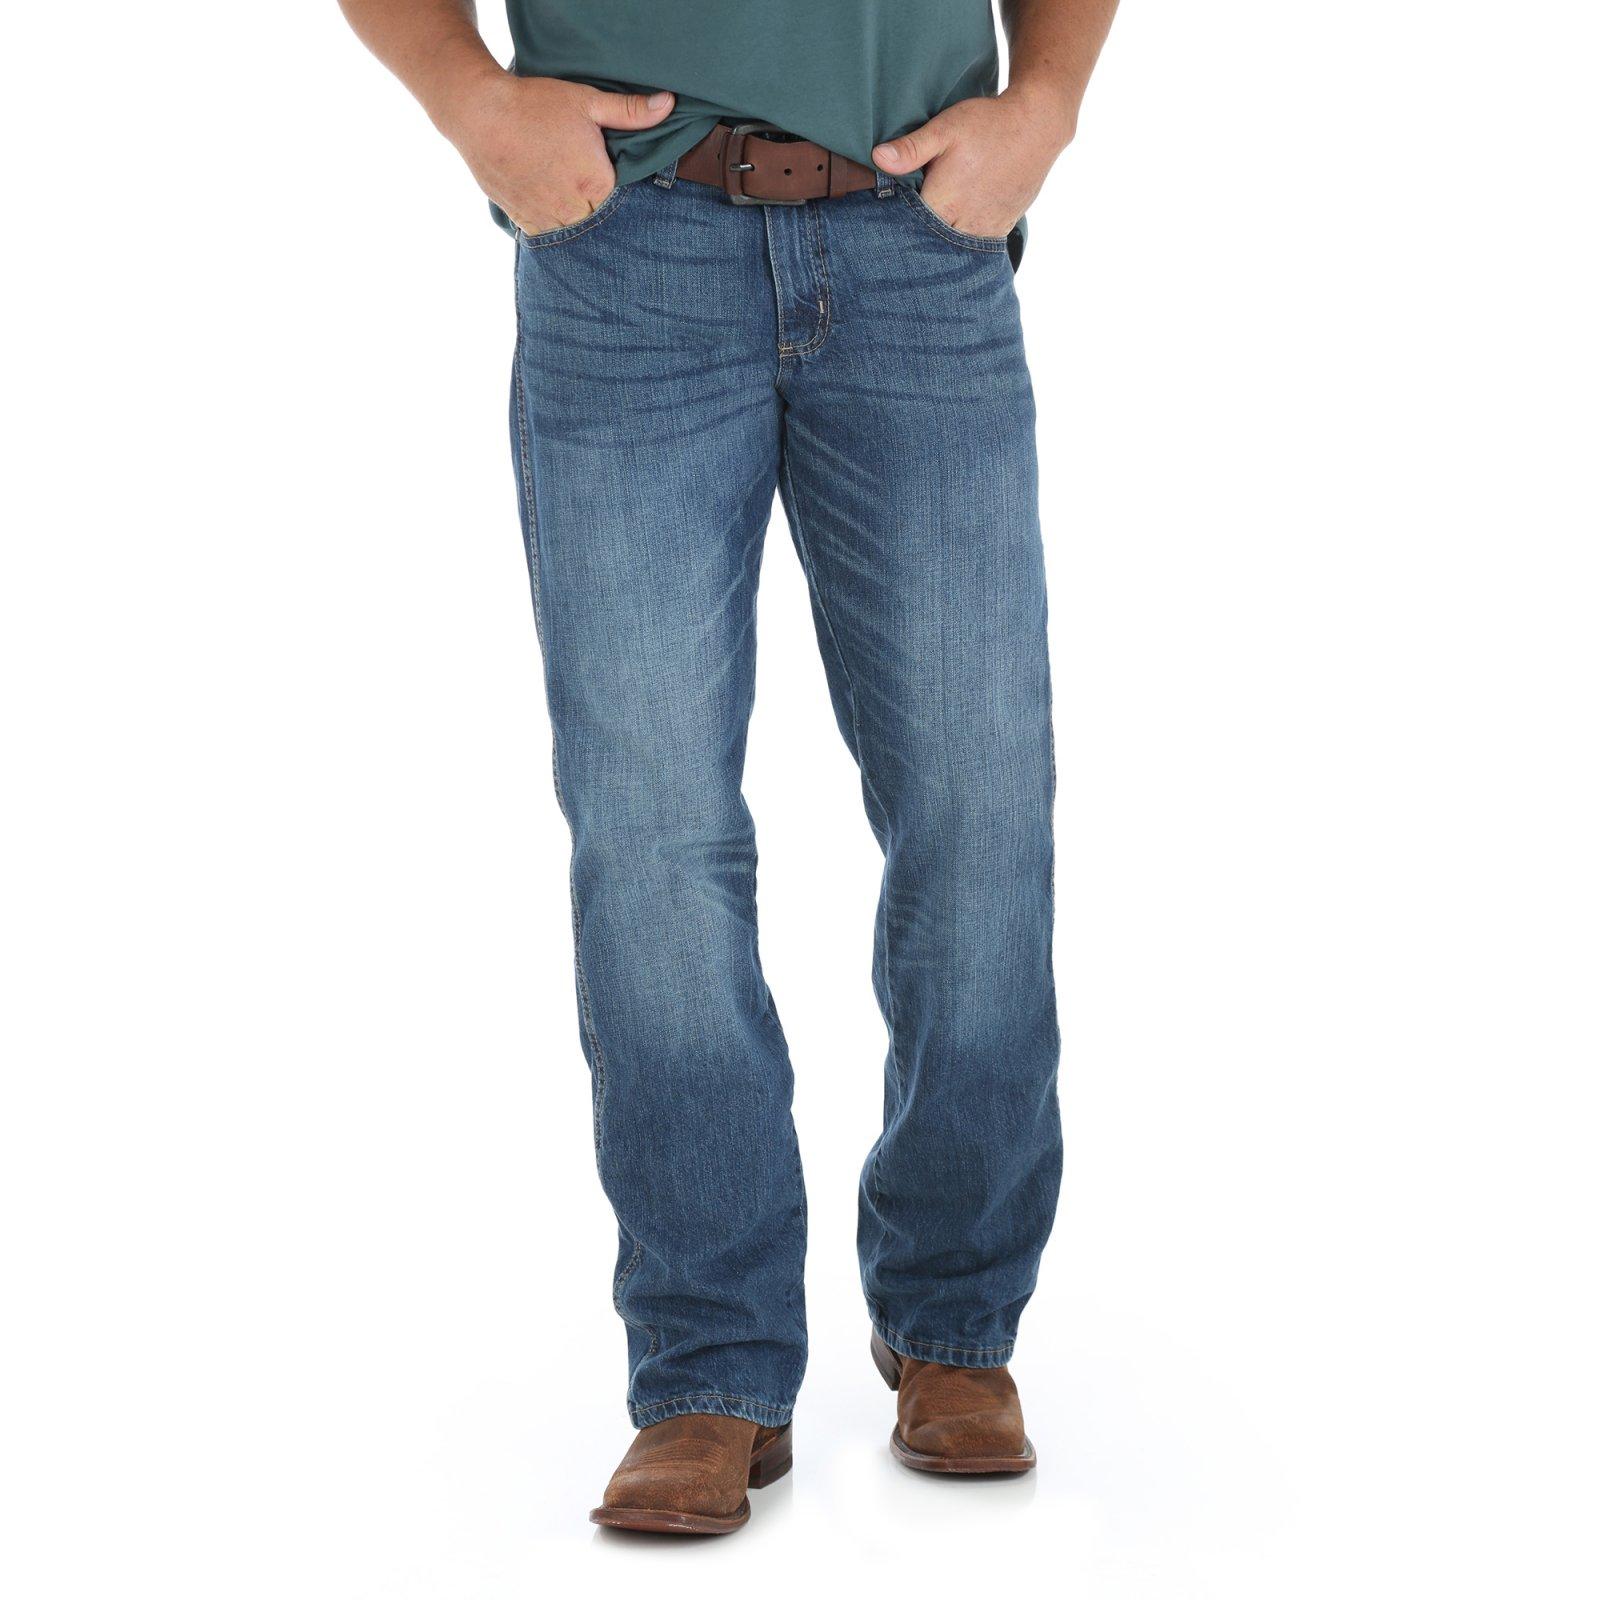 Men's Retro Relaxed Boot Jean from Wrangler